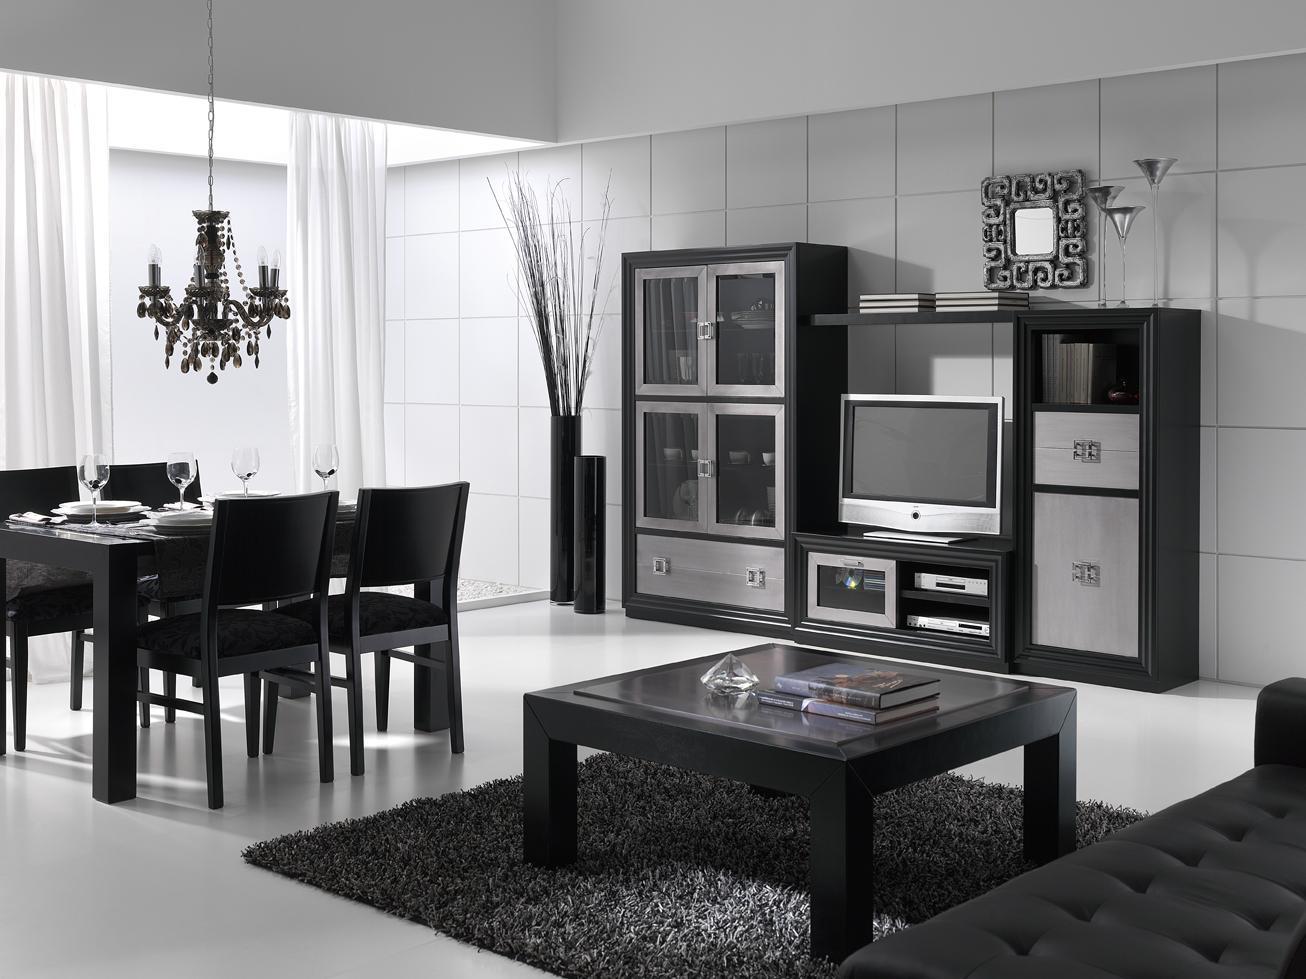 Versatil muebles para el hogar for Lo mejor en muebles para el hogar